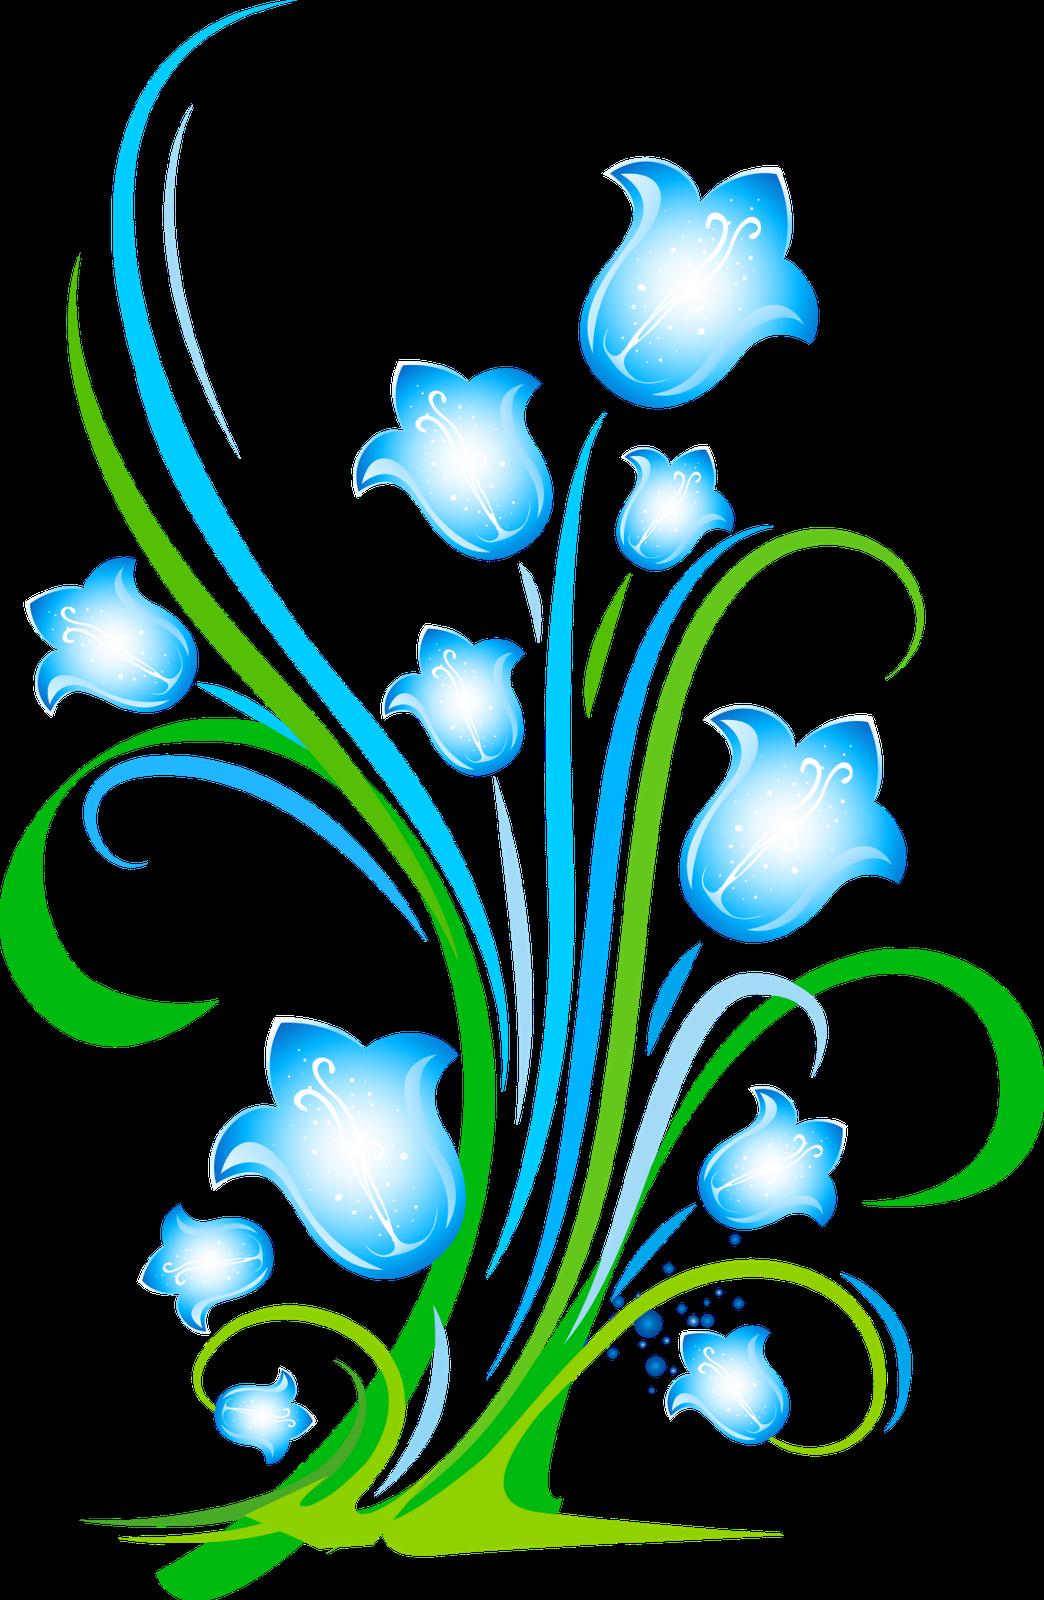 1044x1600 Floral Transparent Background Png Mart